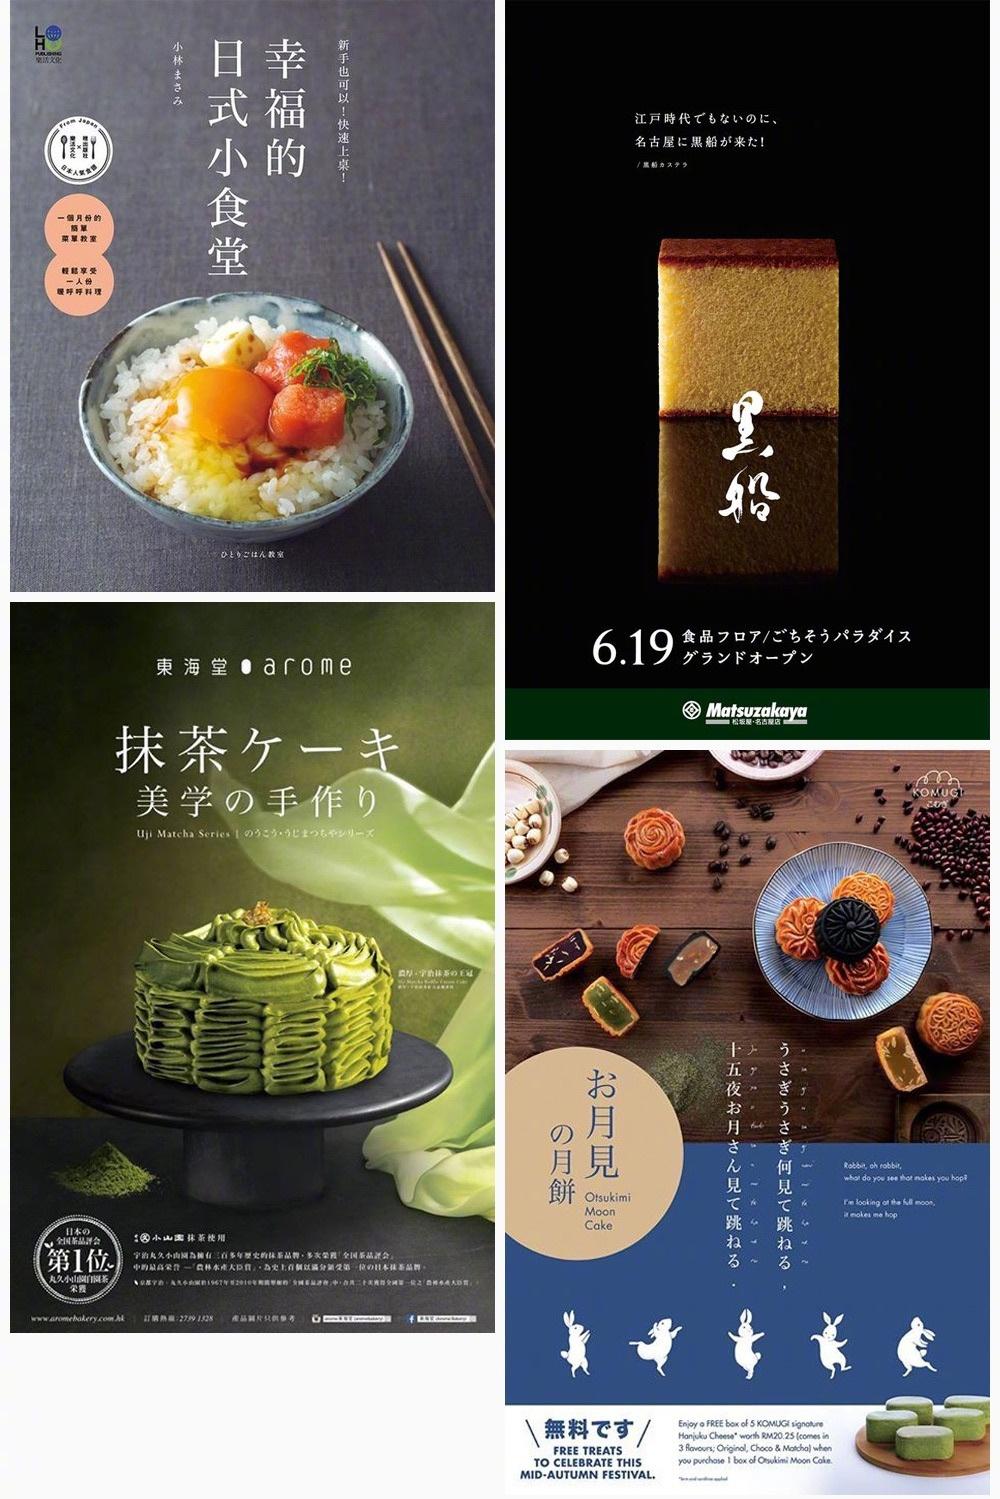 食欲大开美食广告海报,充满欲望的广告设计